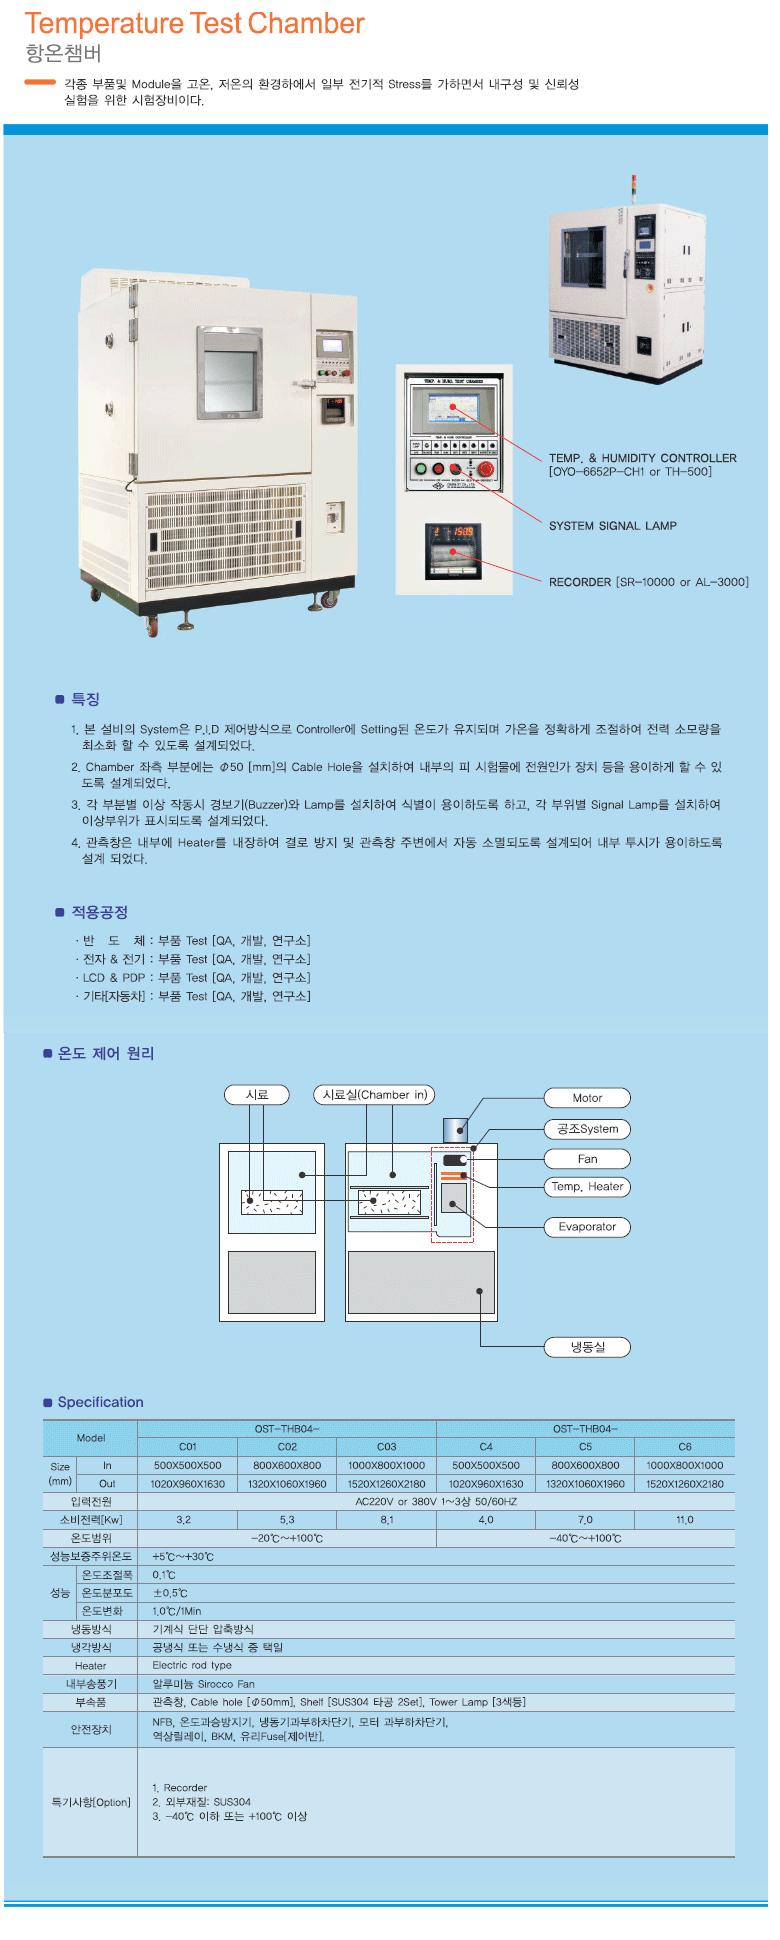 (주)오성에스티 항온챔버 OST-THB04-C Series